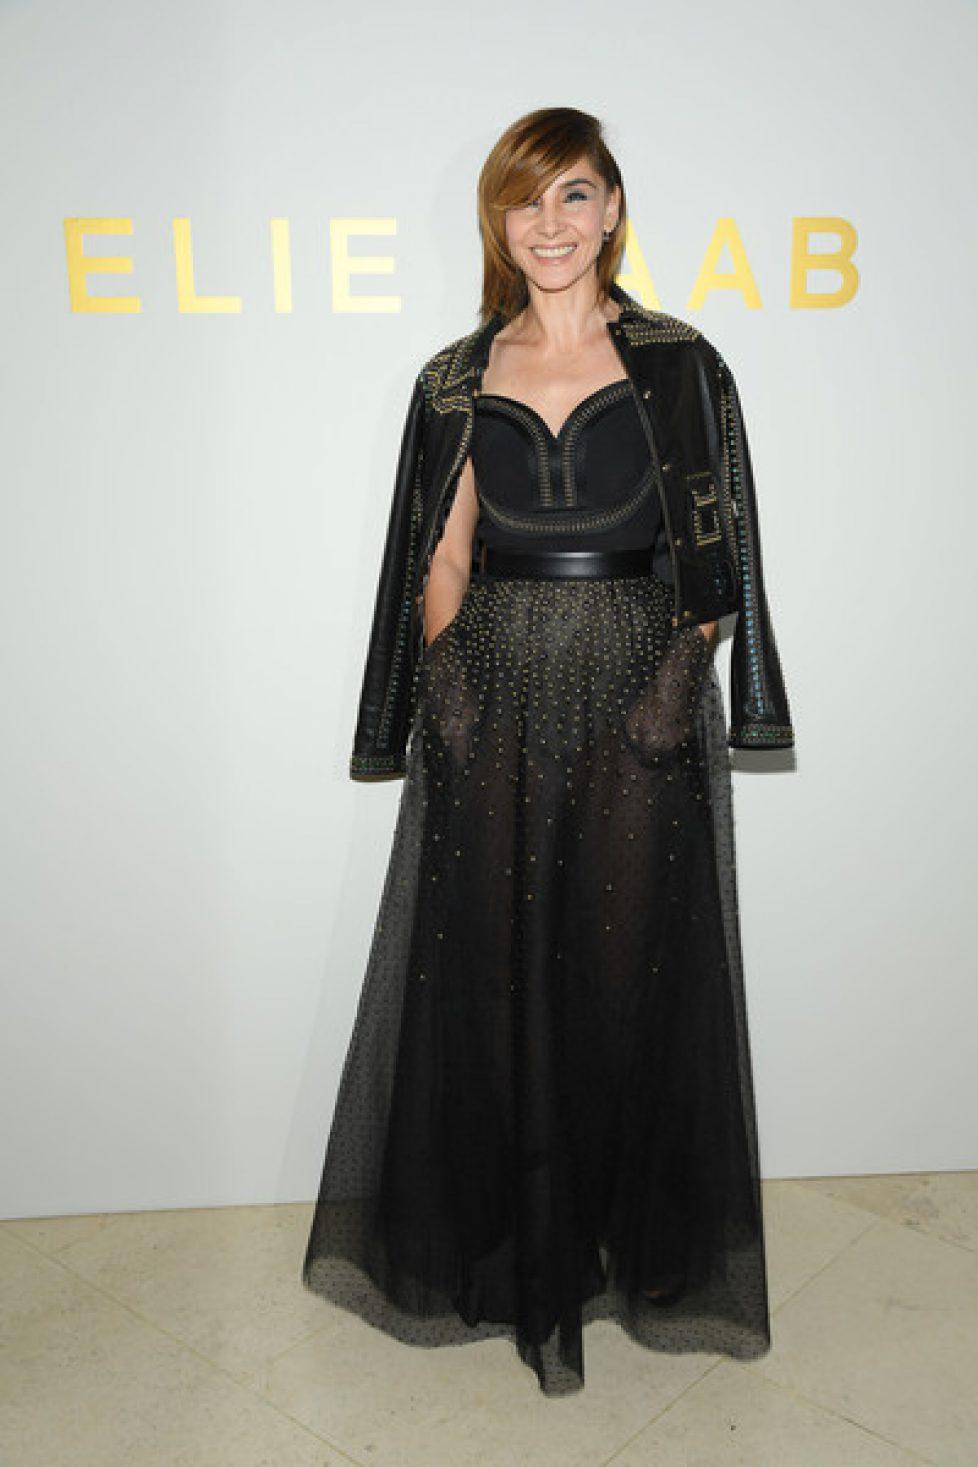 Elie+Saab+Front+Row+Paris+Fashion+Week+Haute+cpn6oW8Srt8l